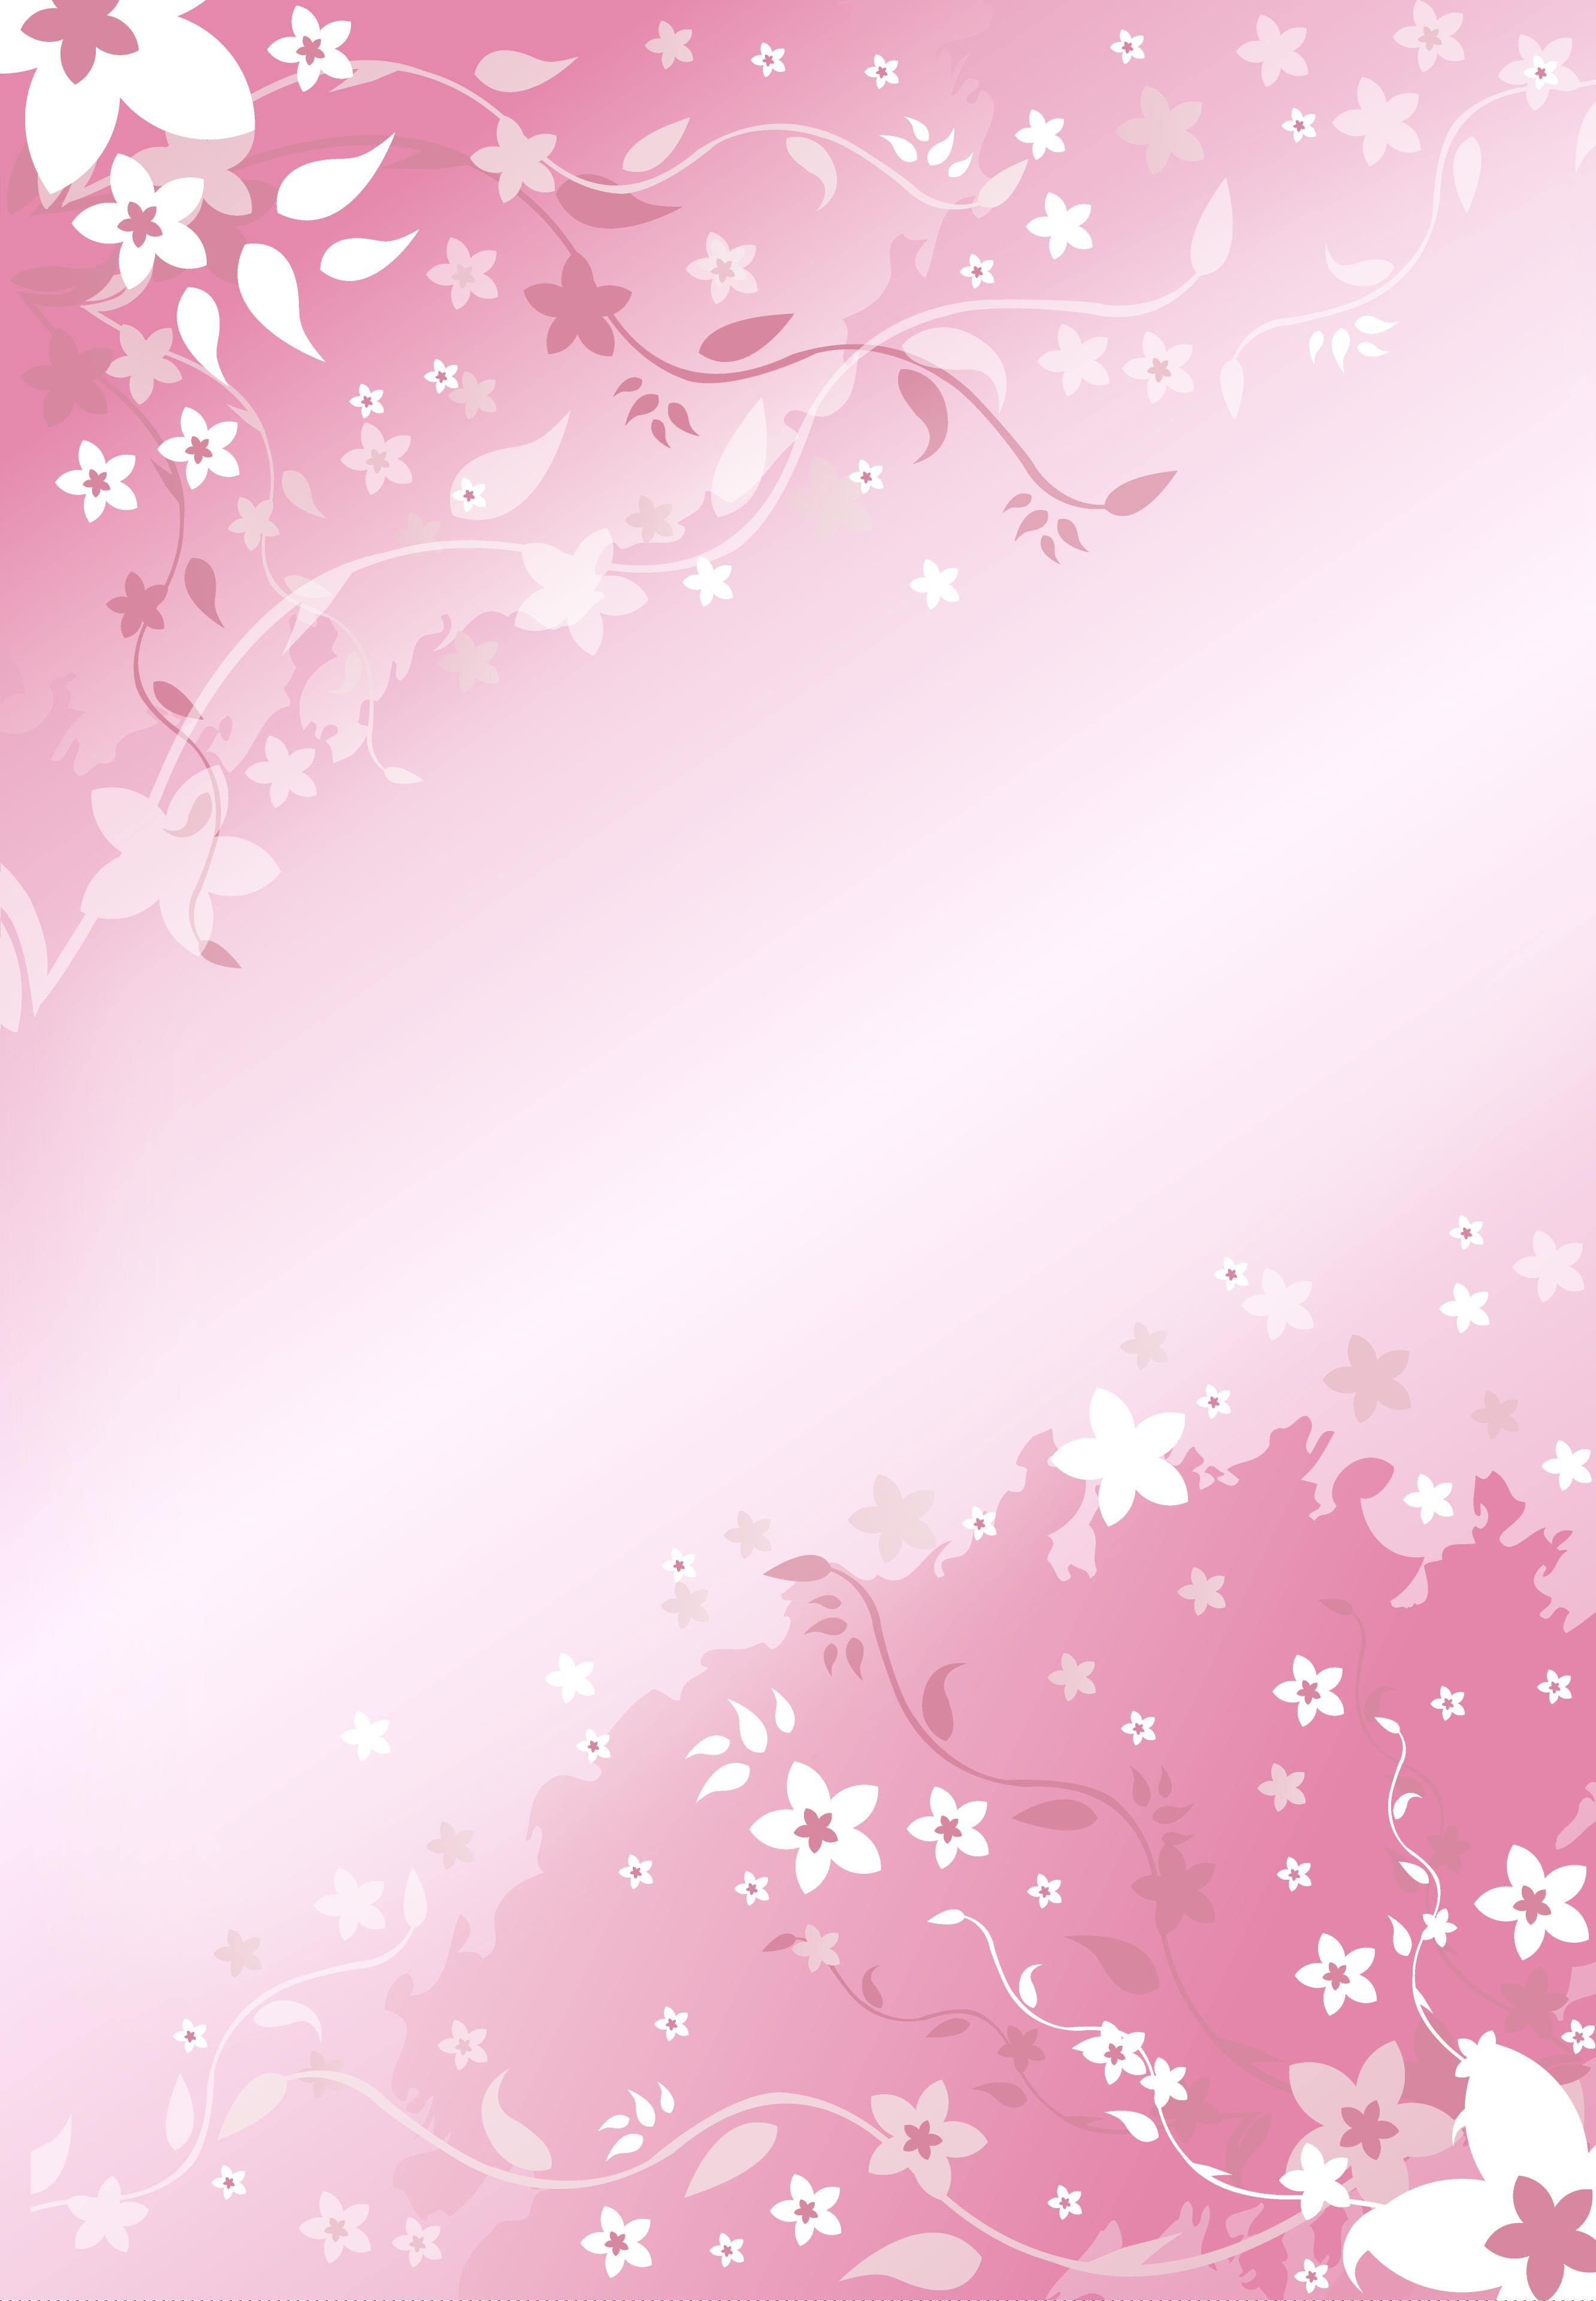 Красивый фон для открытки розовый 98